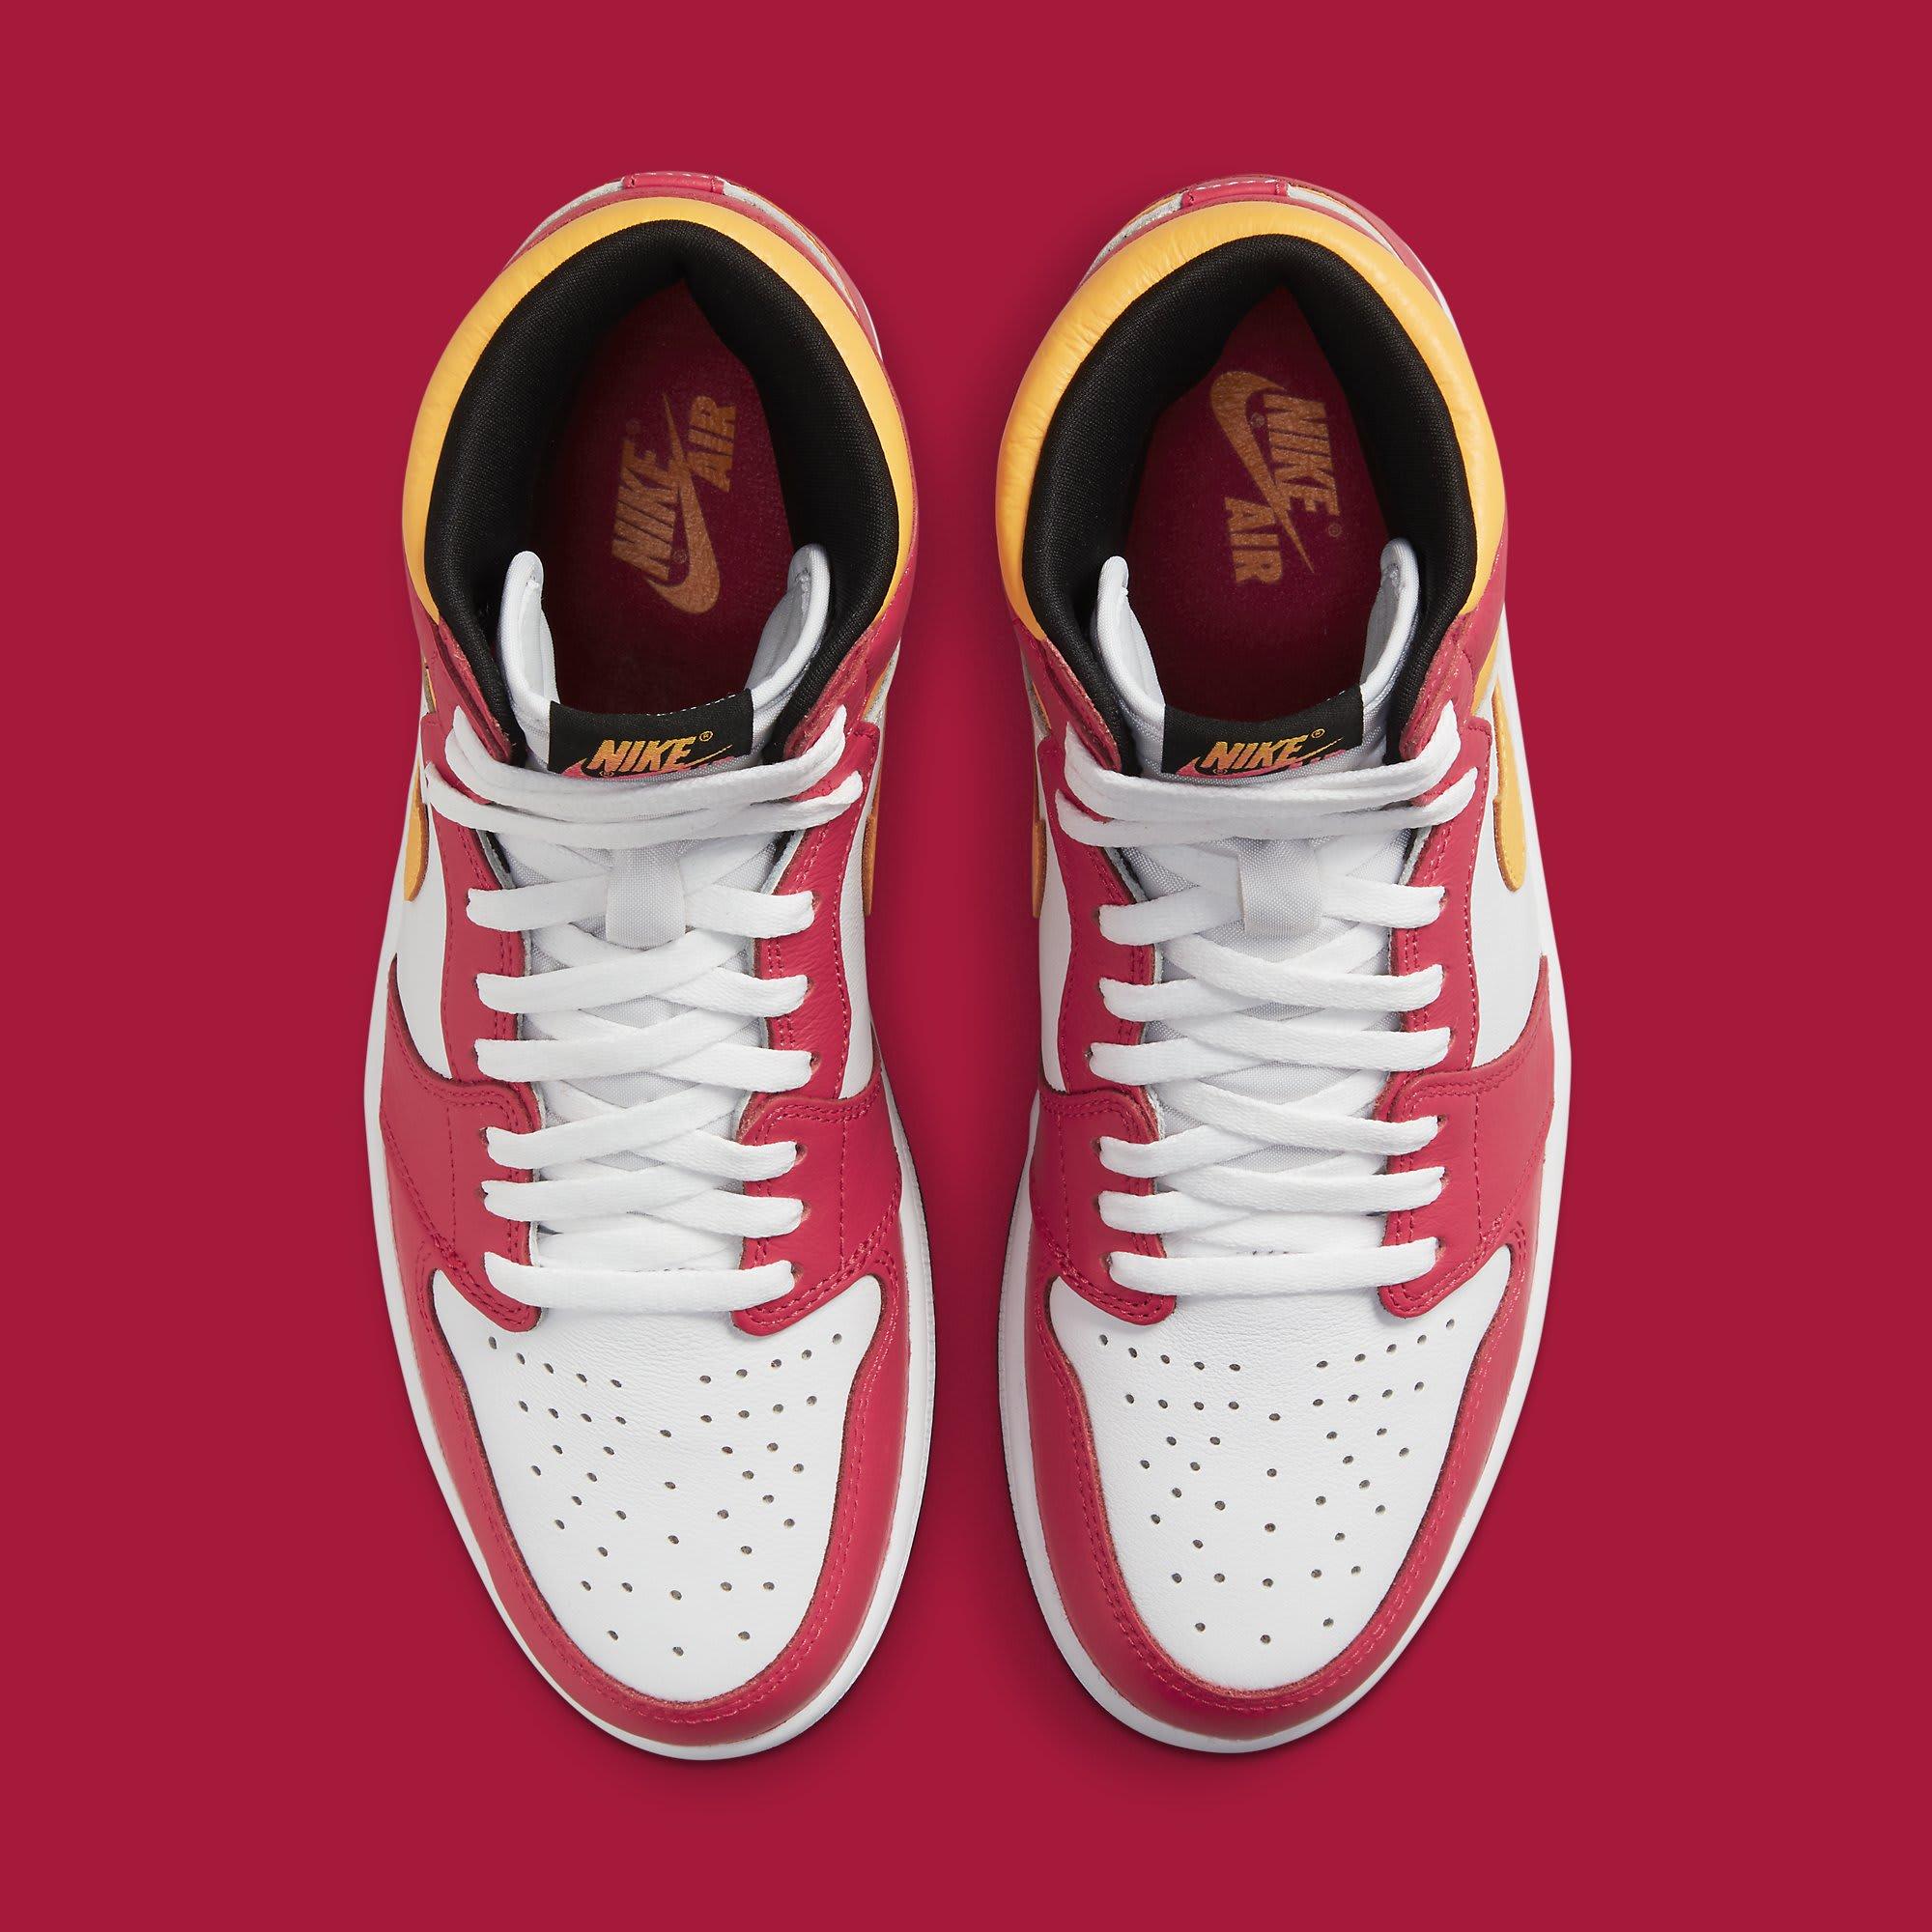 Air Jordan 1 Light Fusion Red Release Date 555088-603 Top